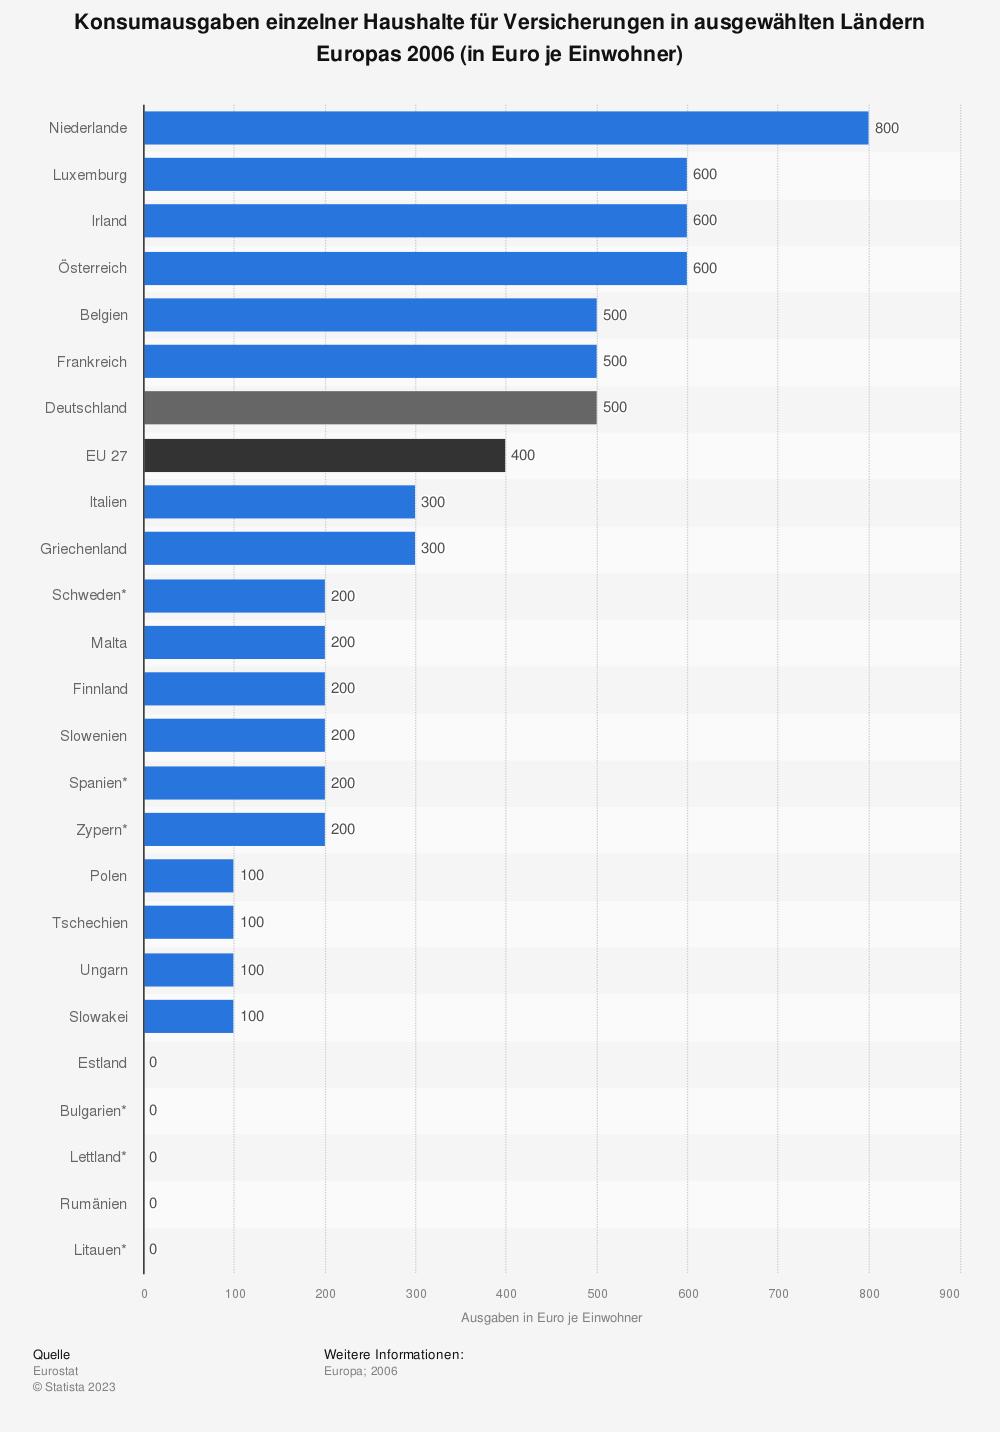 Statistik: Konsumausgaben einzelner Haushalte für Versicherungen in ausgewählten Ländern Europas 2006 (in Euro je Einwohner) | Statista